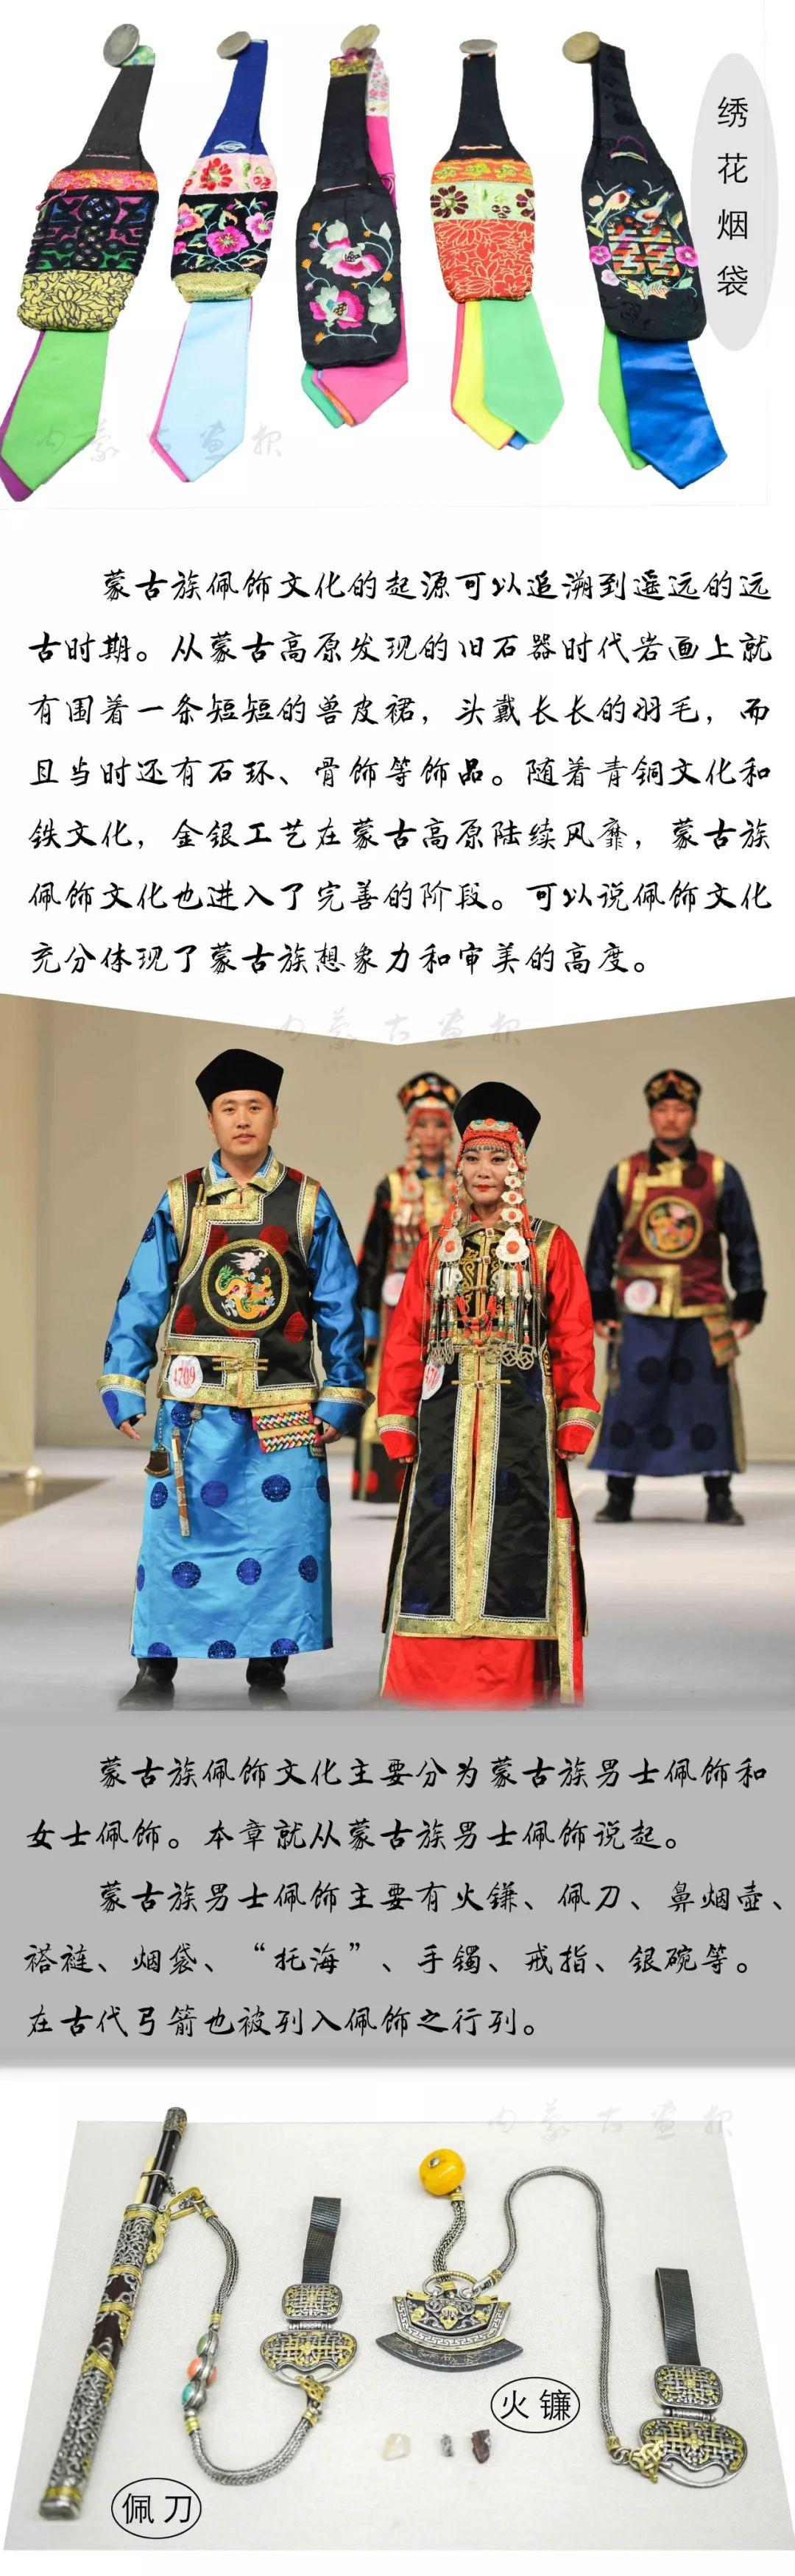 装点世界的蒙古族传统佩饰 | 男士篇 第9张